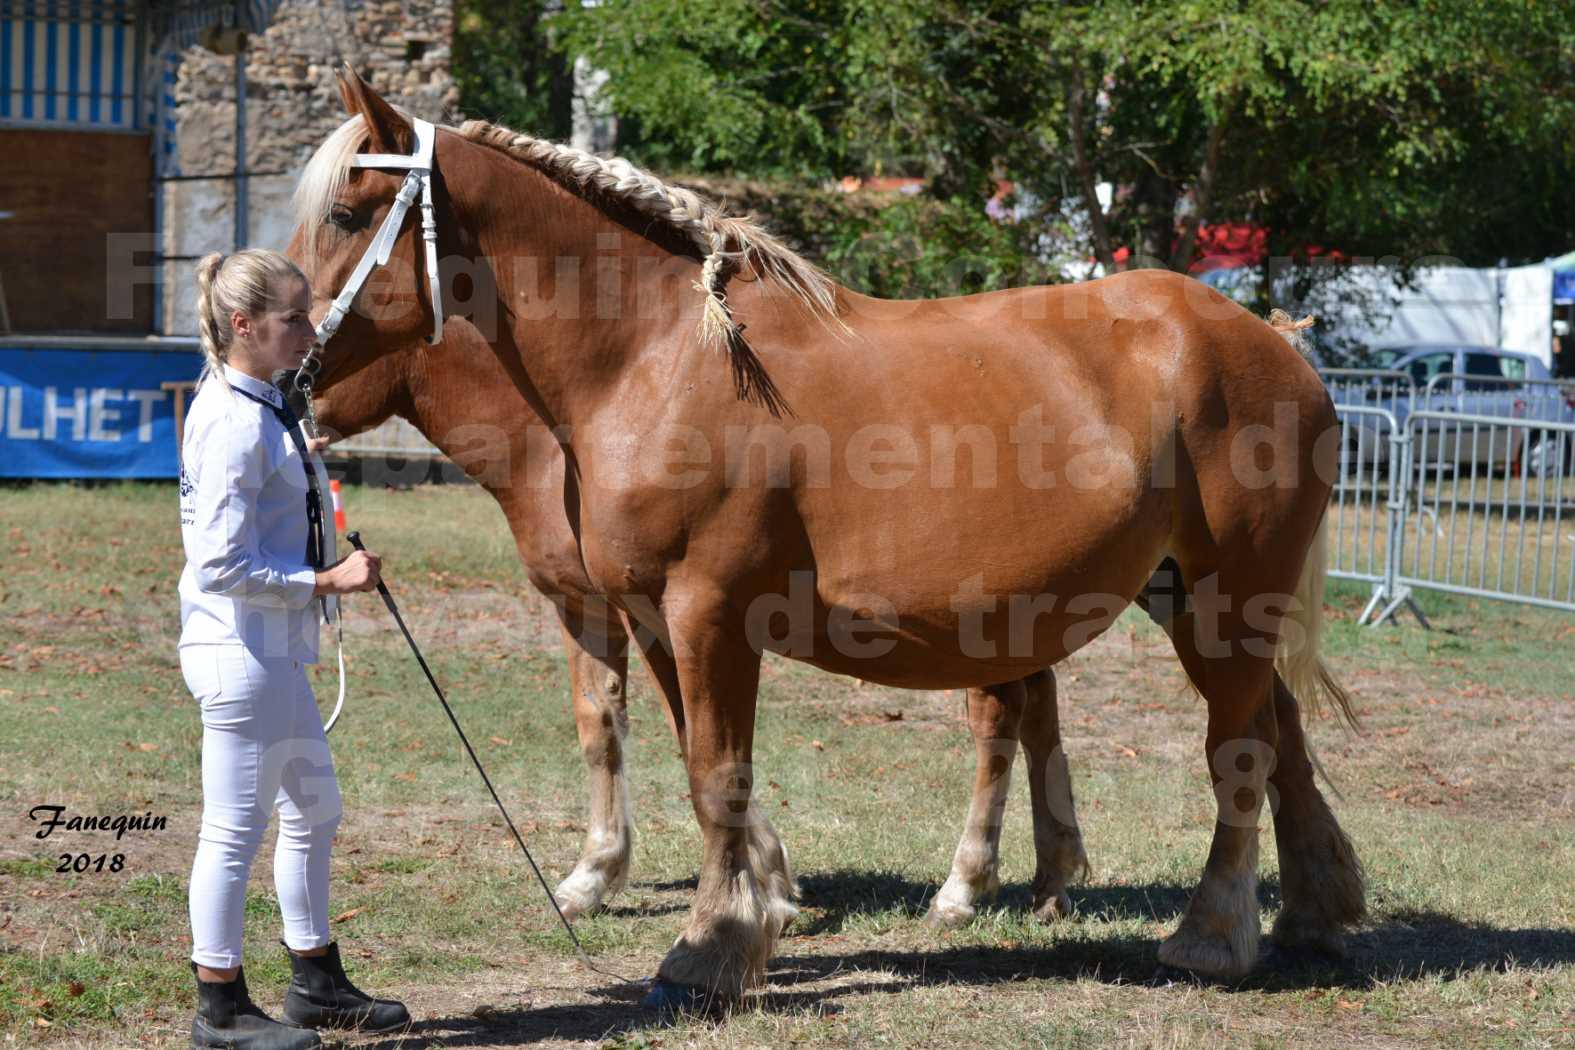 Concours départemental de chevaux de traits à GRAULHET en 2018 - Elevage POUJADE - Notre Sélection - 14